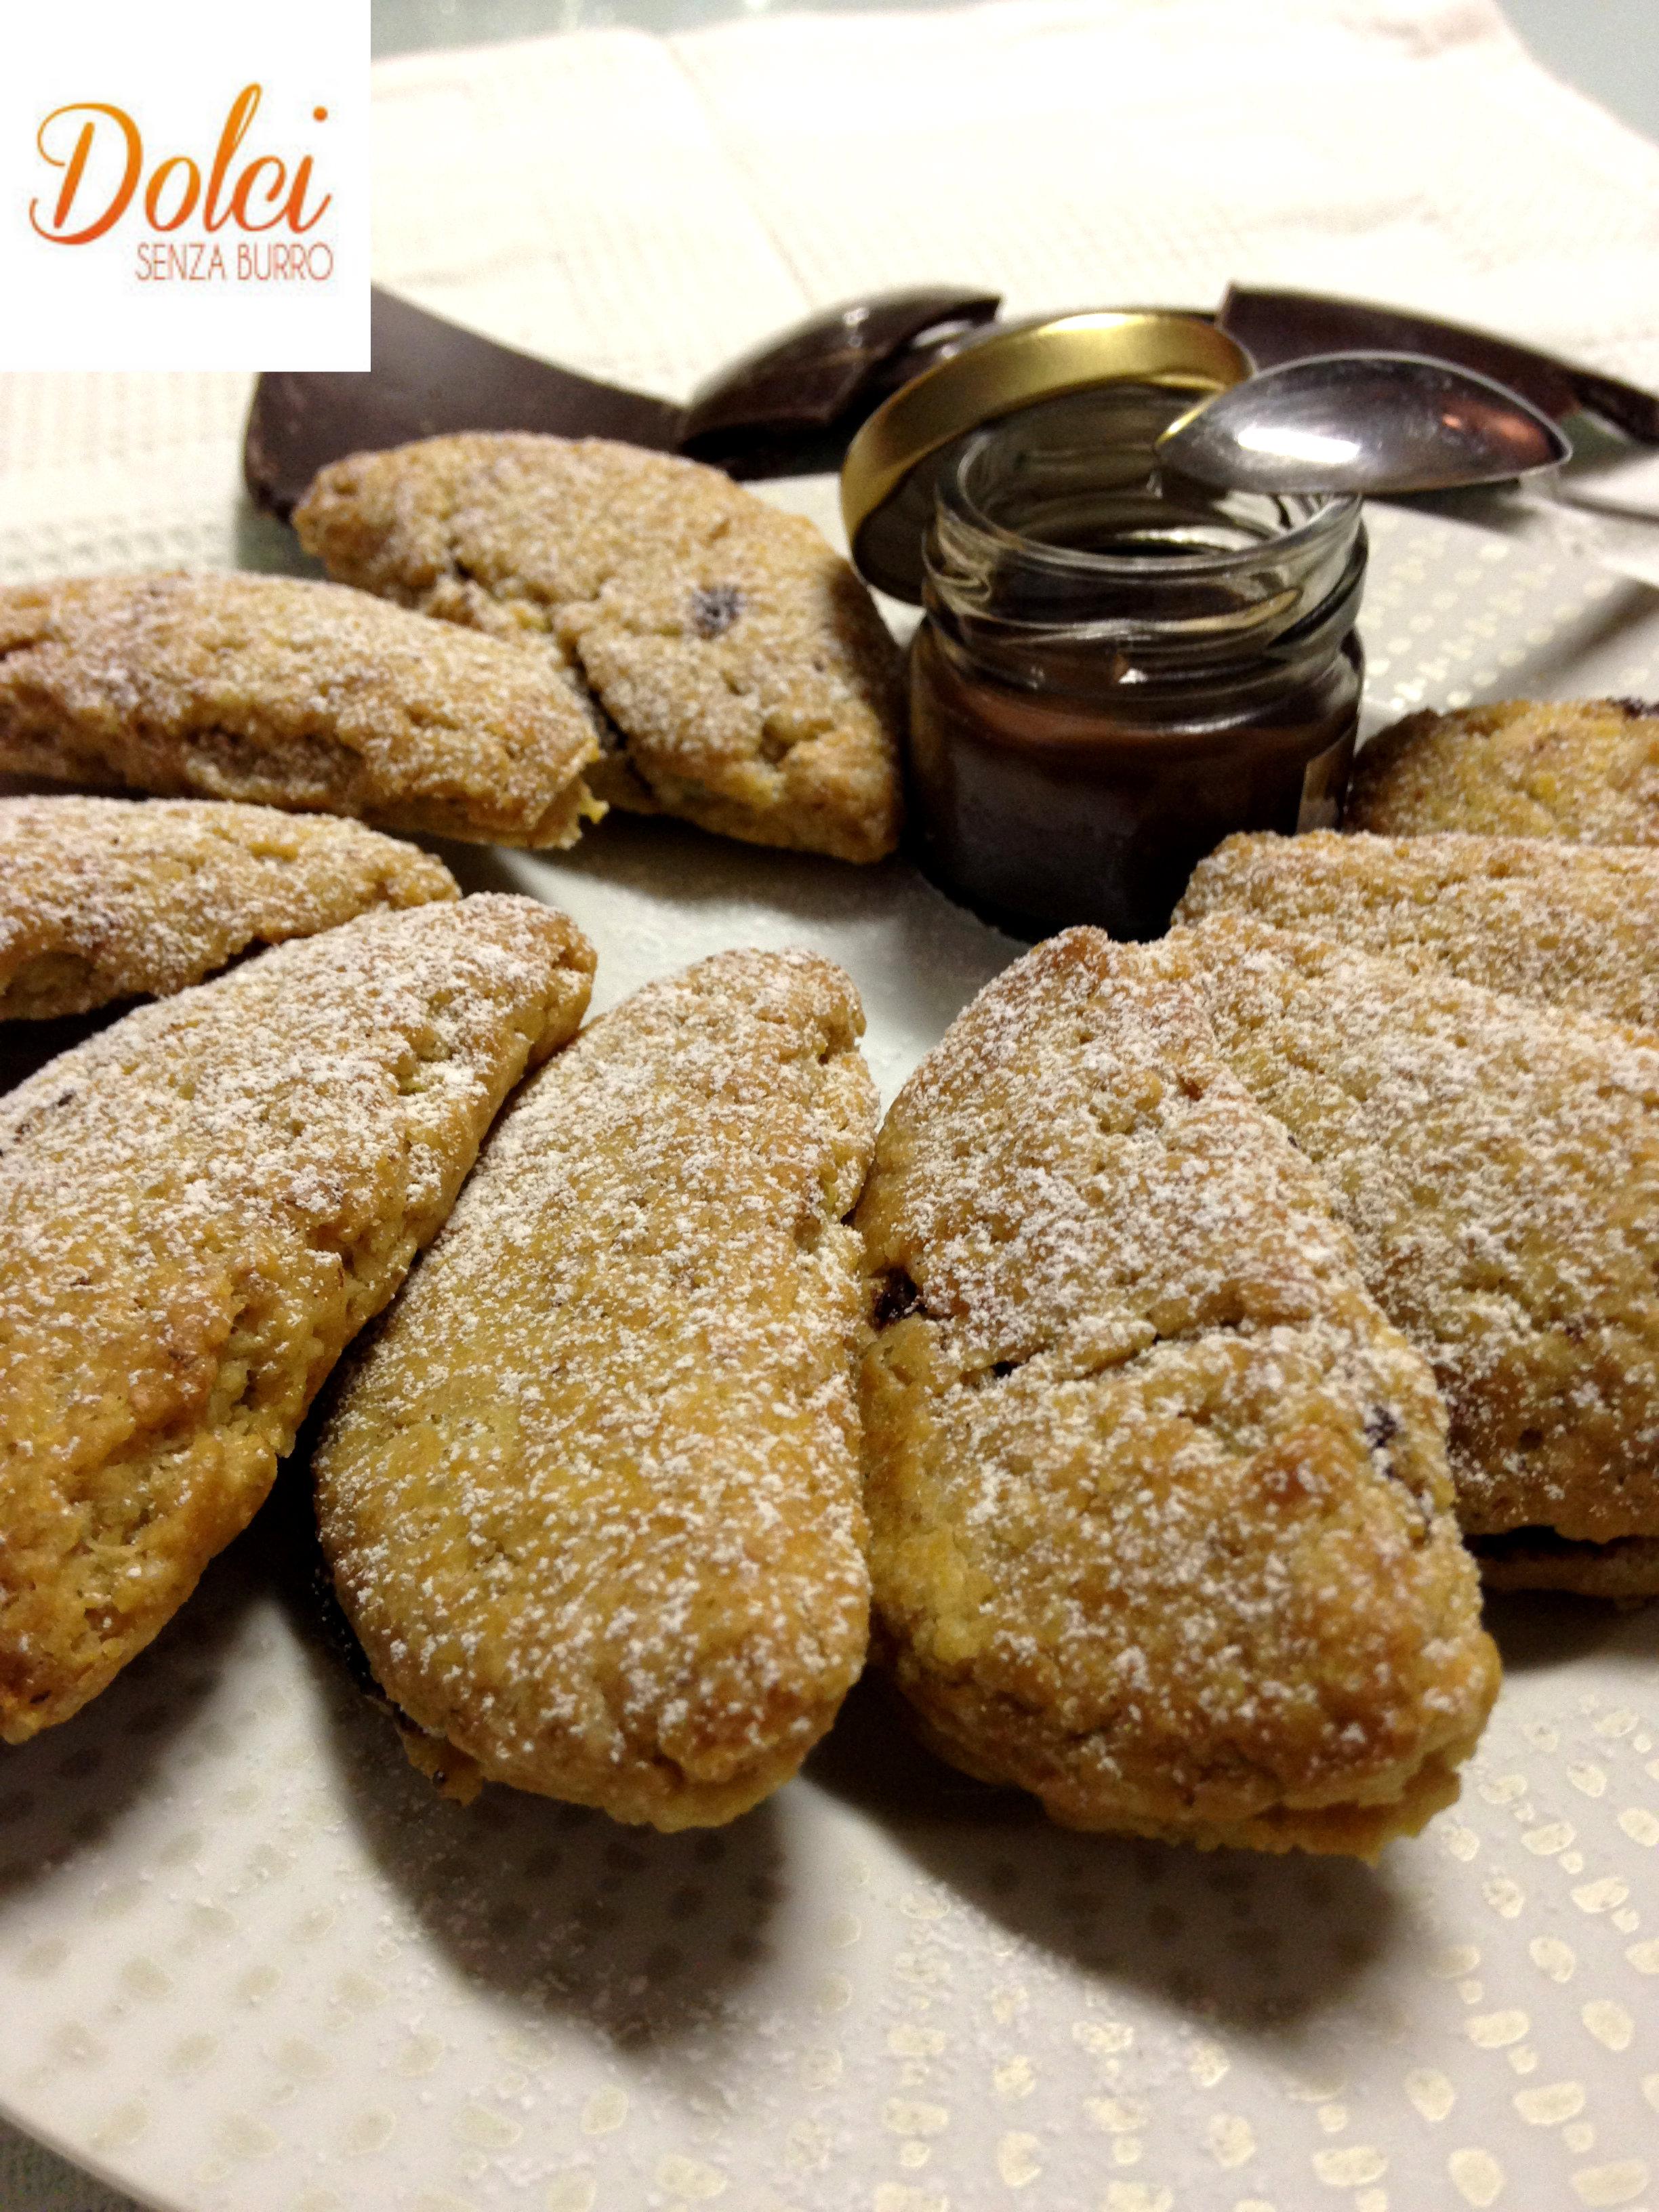 Mezzelune alla Nutella Senza burro il biscotto goloso di Dolci Senza Burro